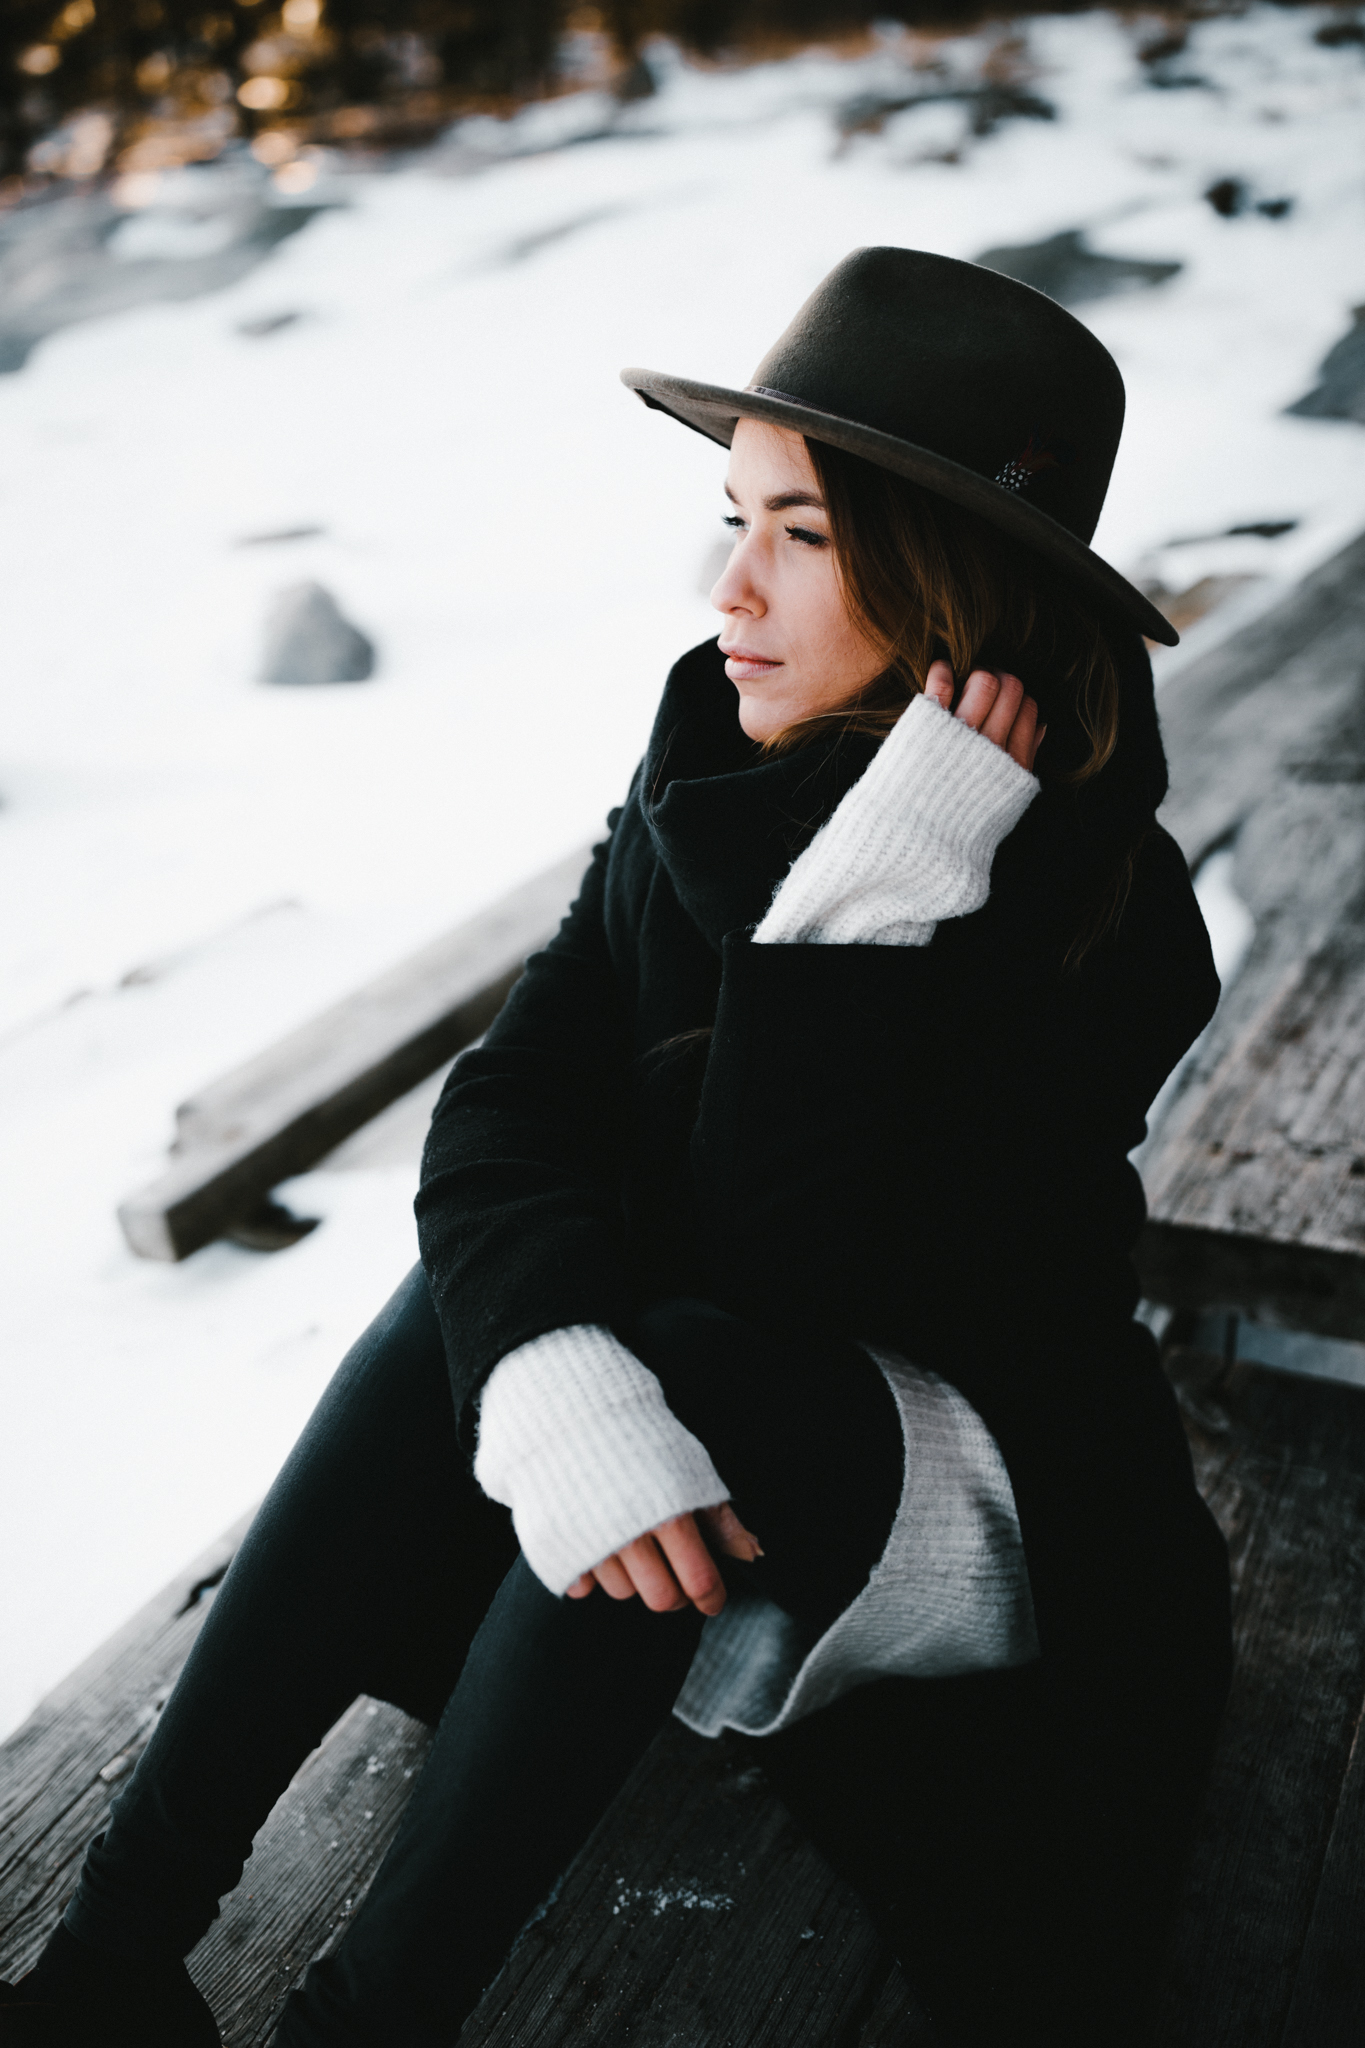 Julia Toivola -- Photos by Patrick Karkkolainen Photographer-59.jpg